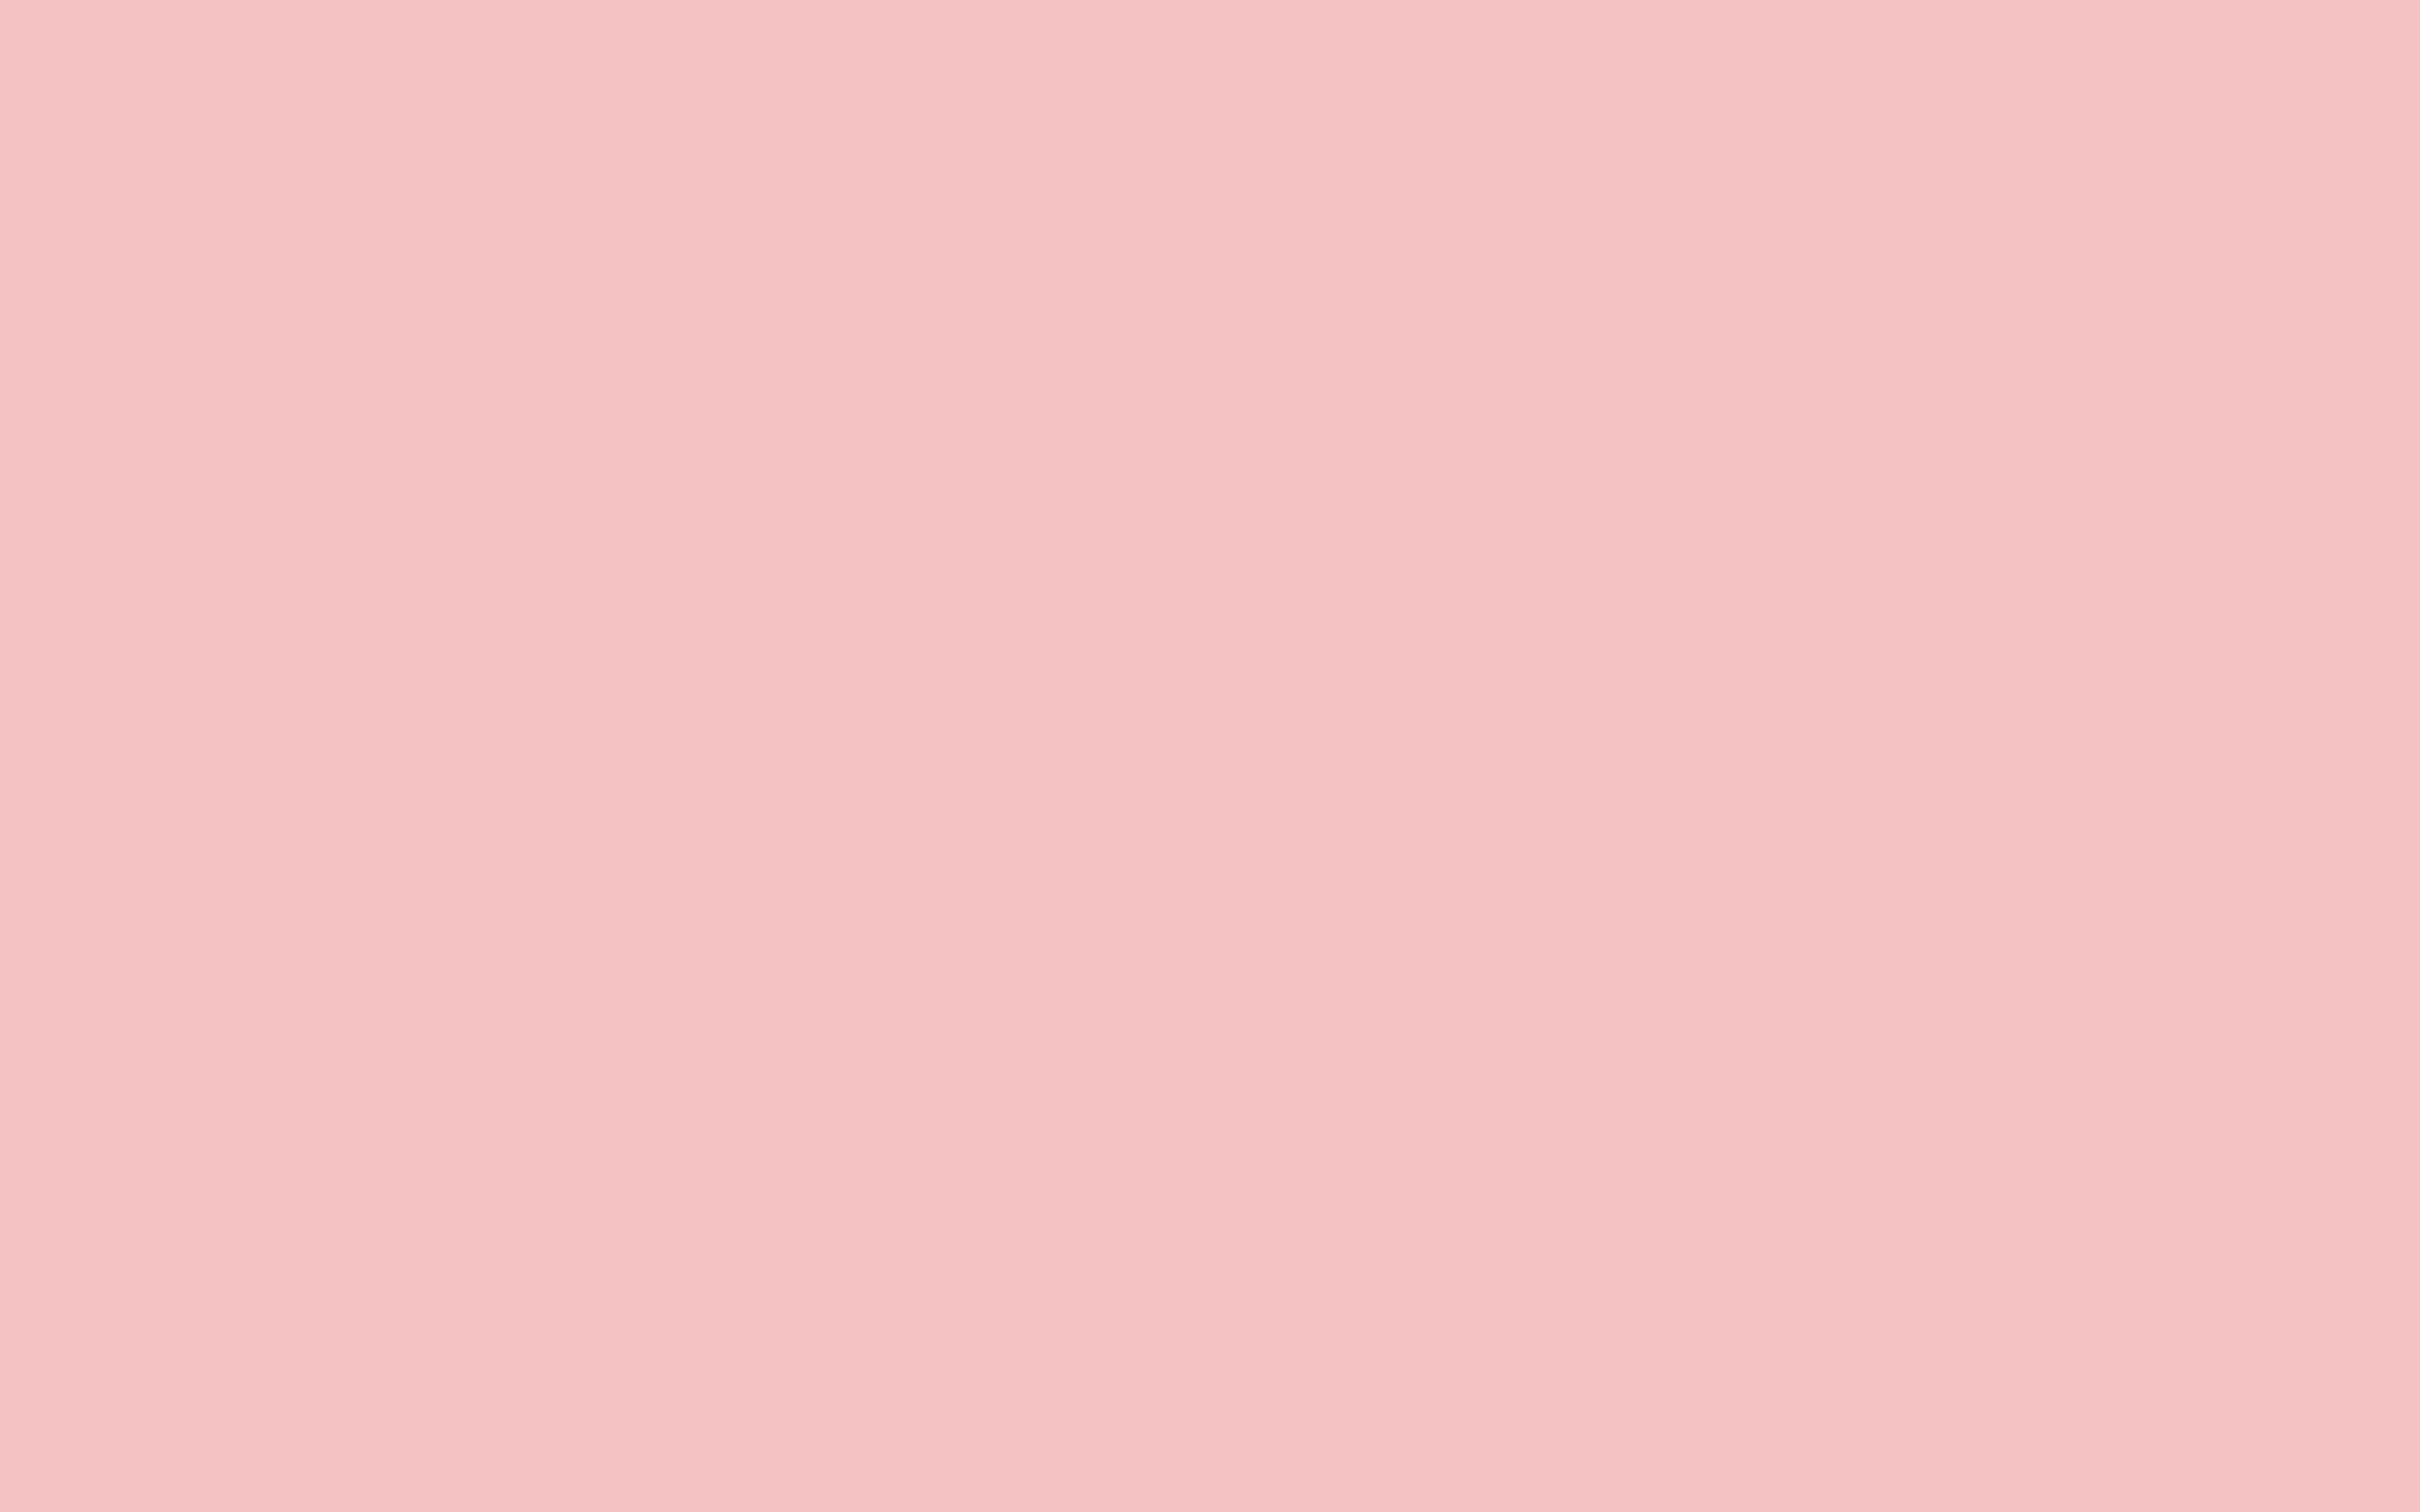 2560x1600 Tea Rose Rose Solid Color Background